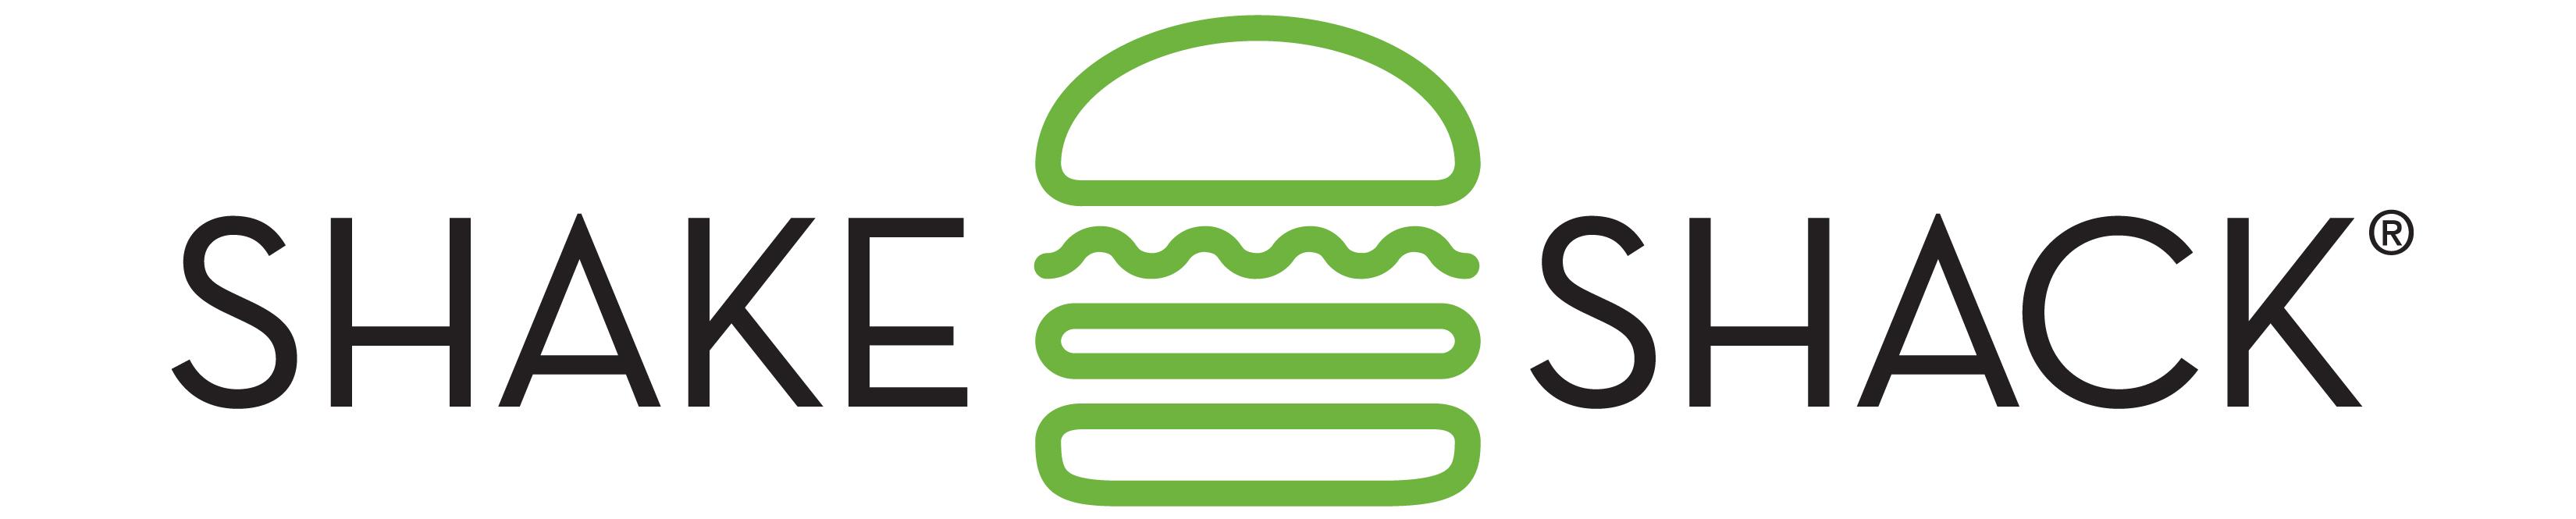 Shake-Shack_Logo_RGB-01.jpg